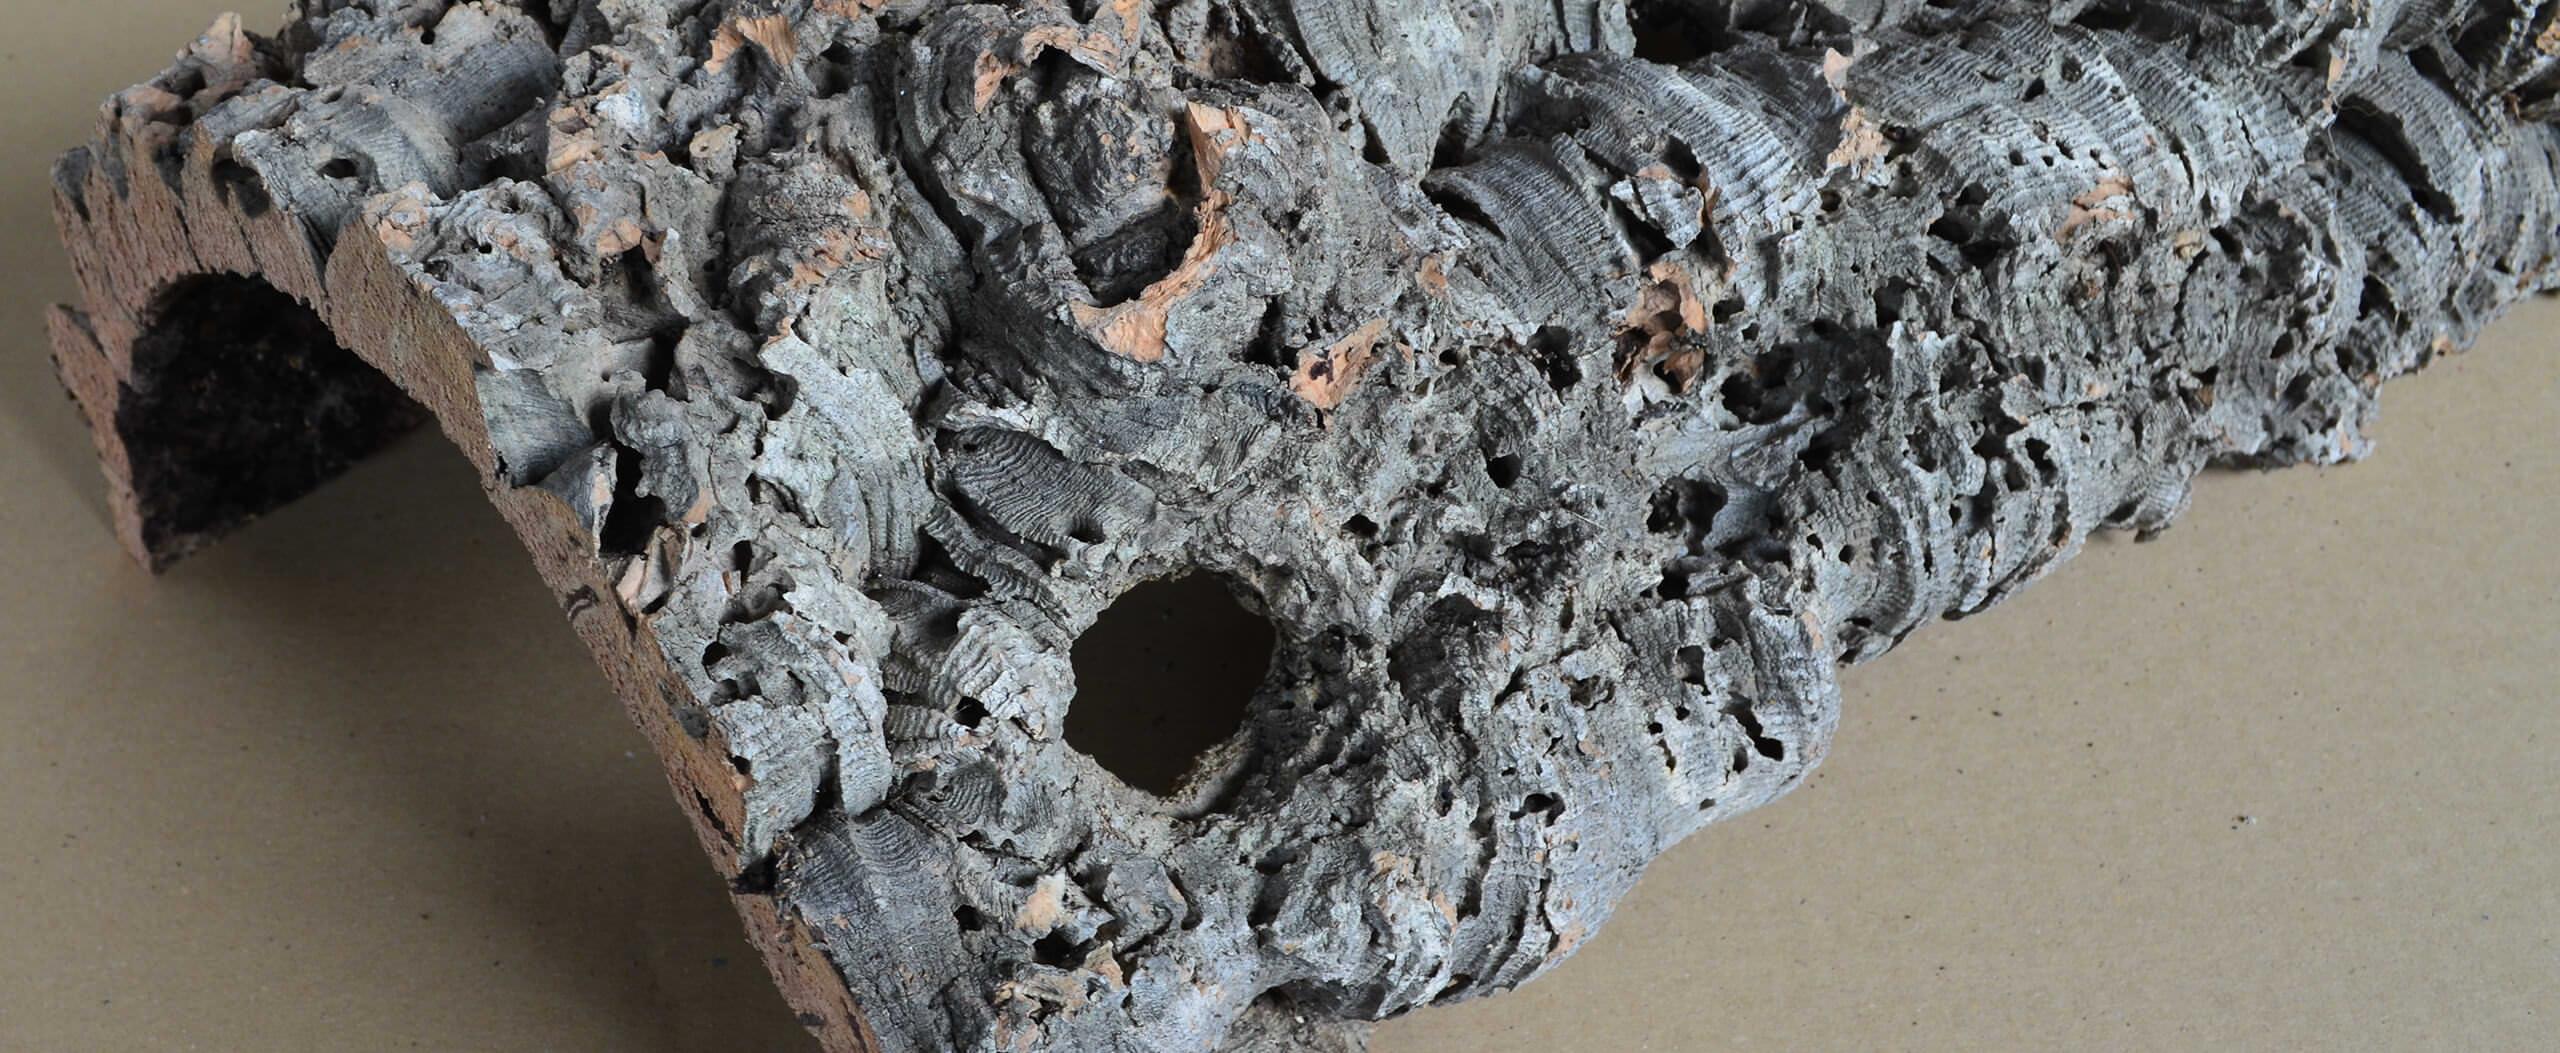 Verstecke aus Holz / Kork für Nager